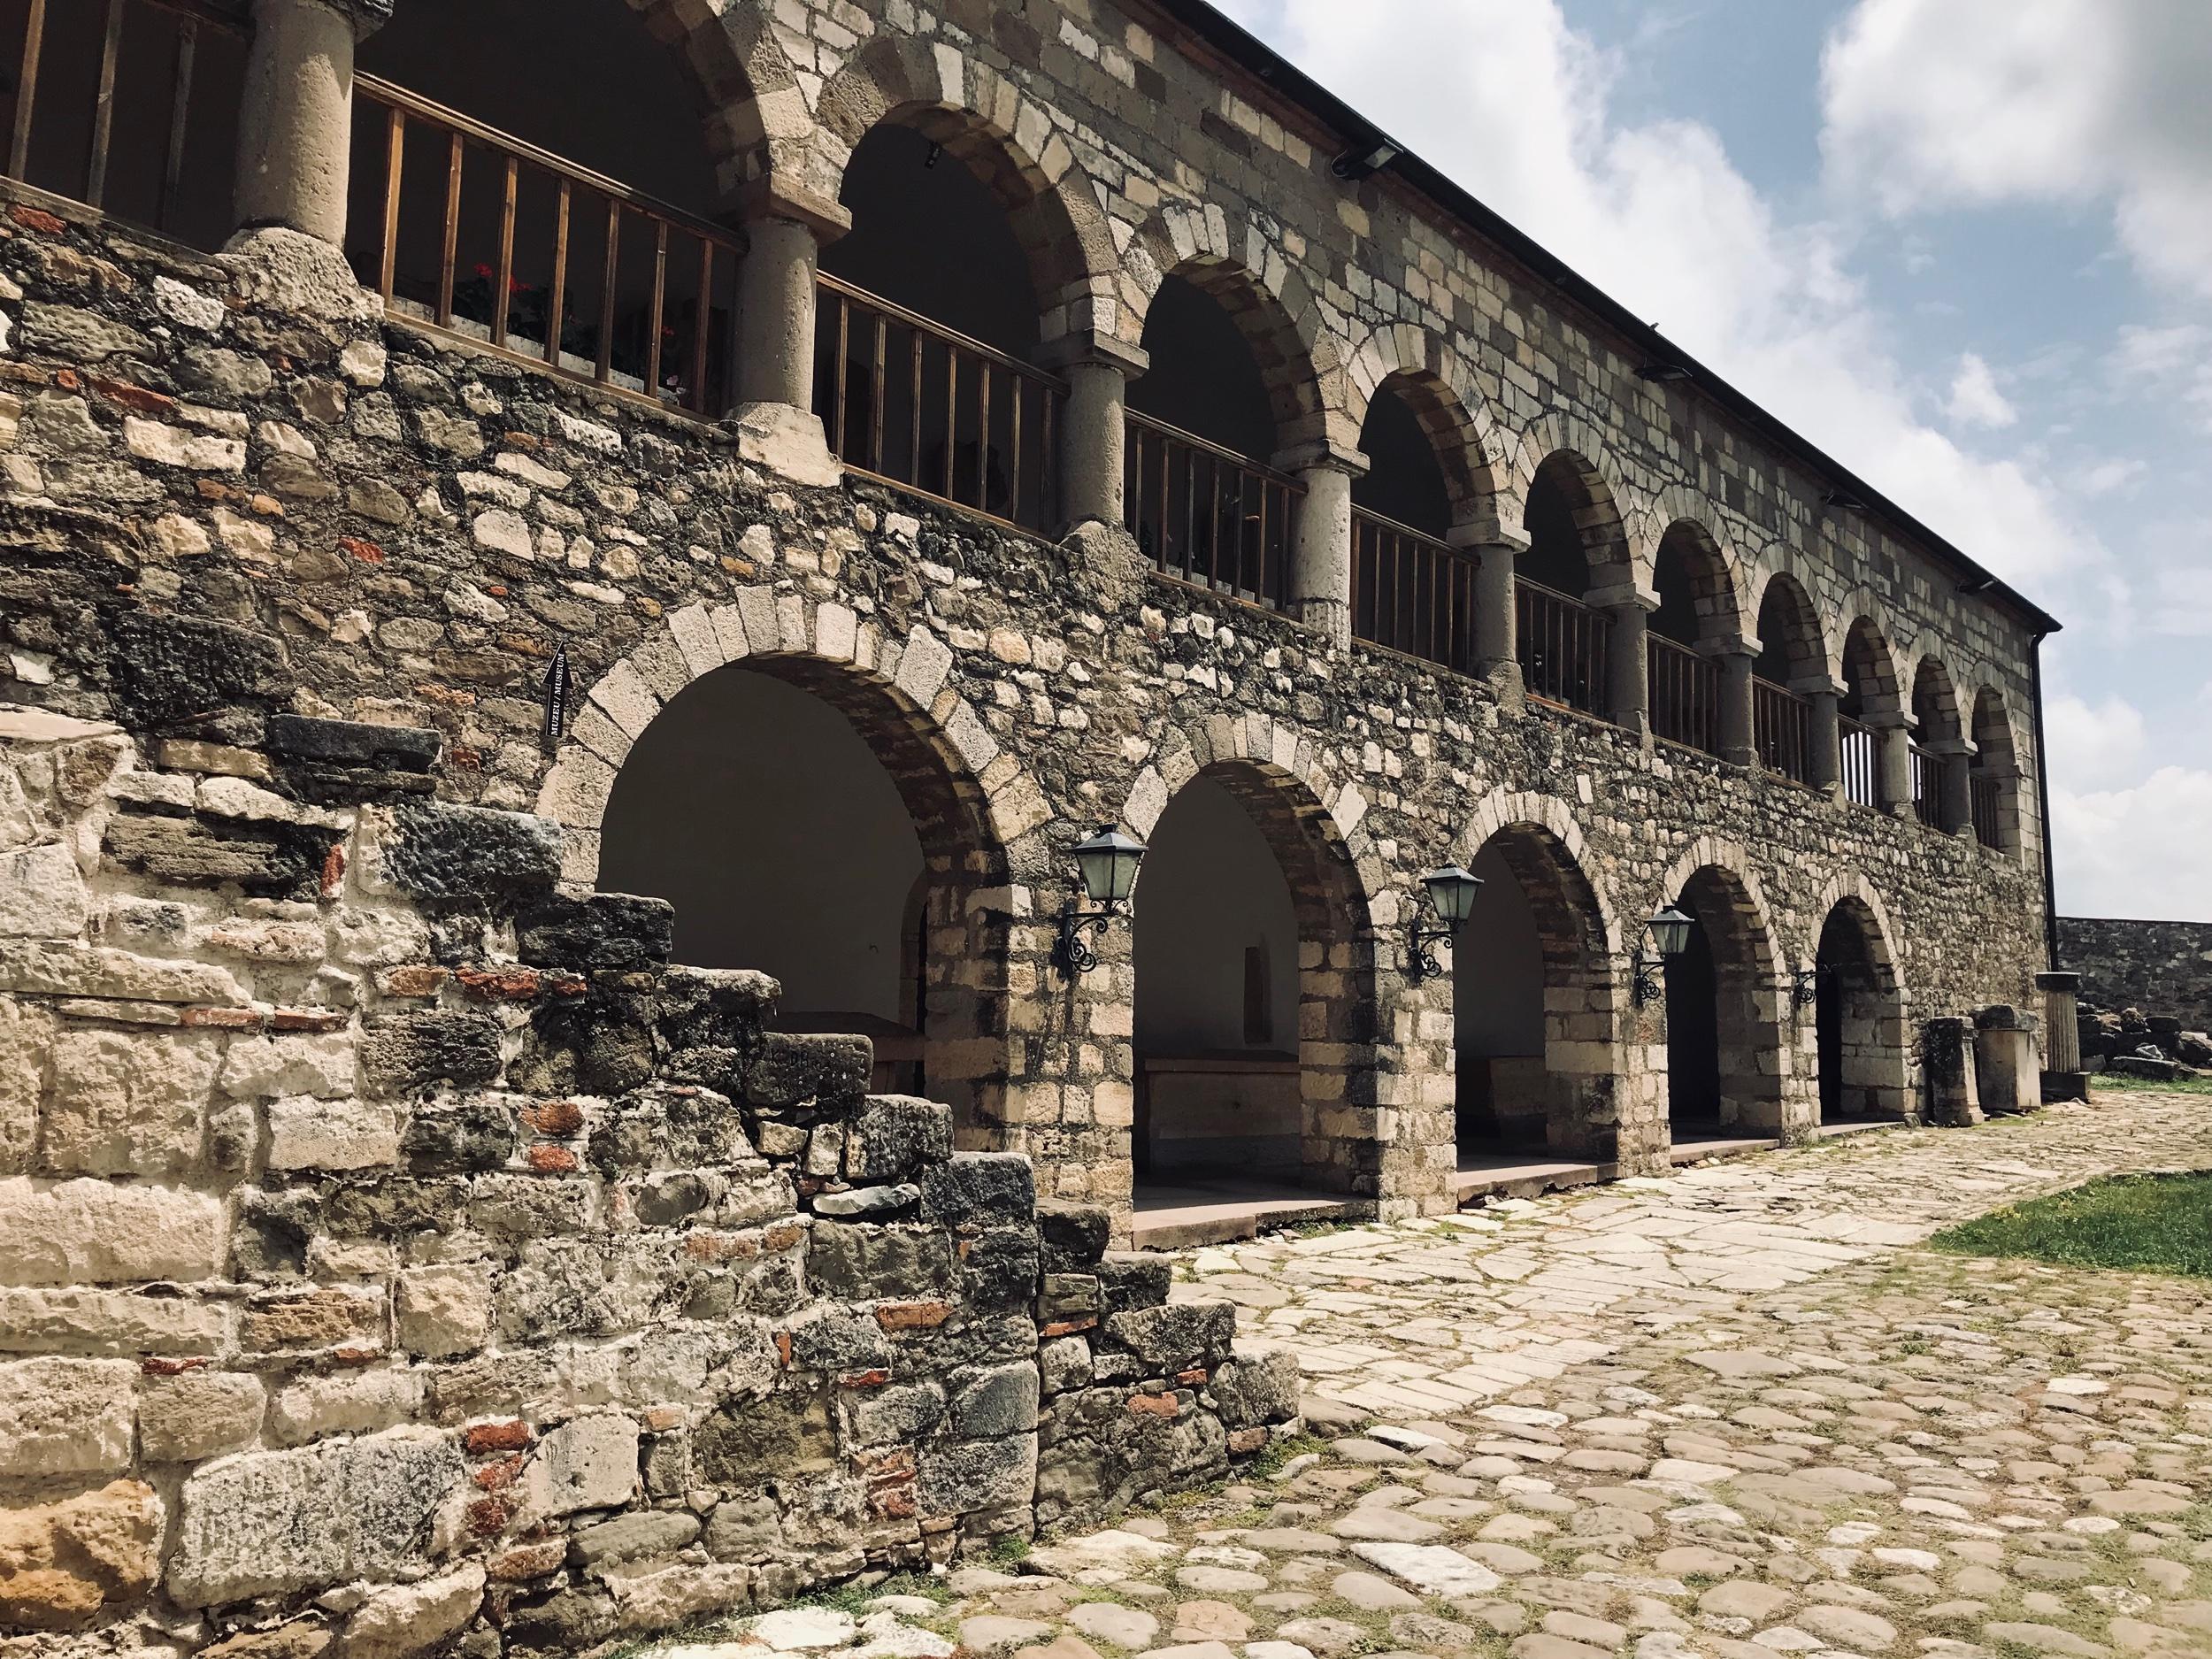 Alueella oleva museorakennus, jonka sisällä kattava kokoelma kaivauksilta löytyneitä tavaroita. Kuva: Mirva Rannisto